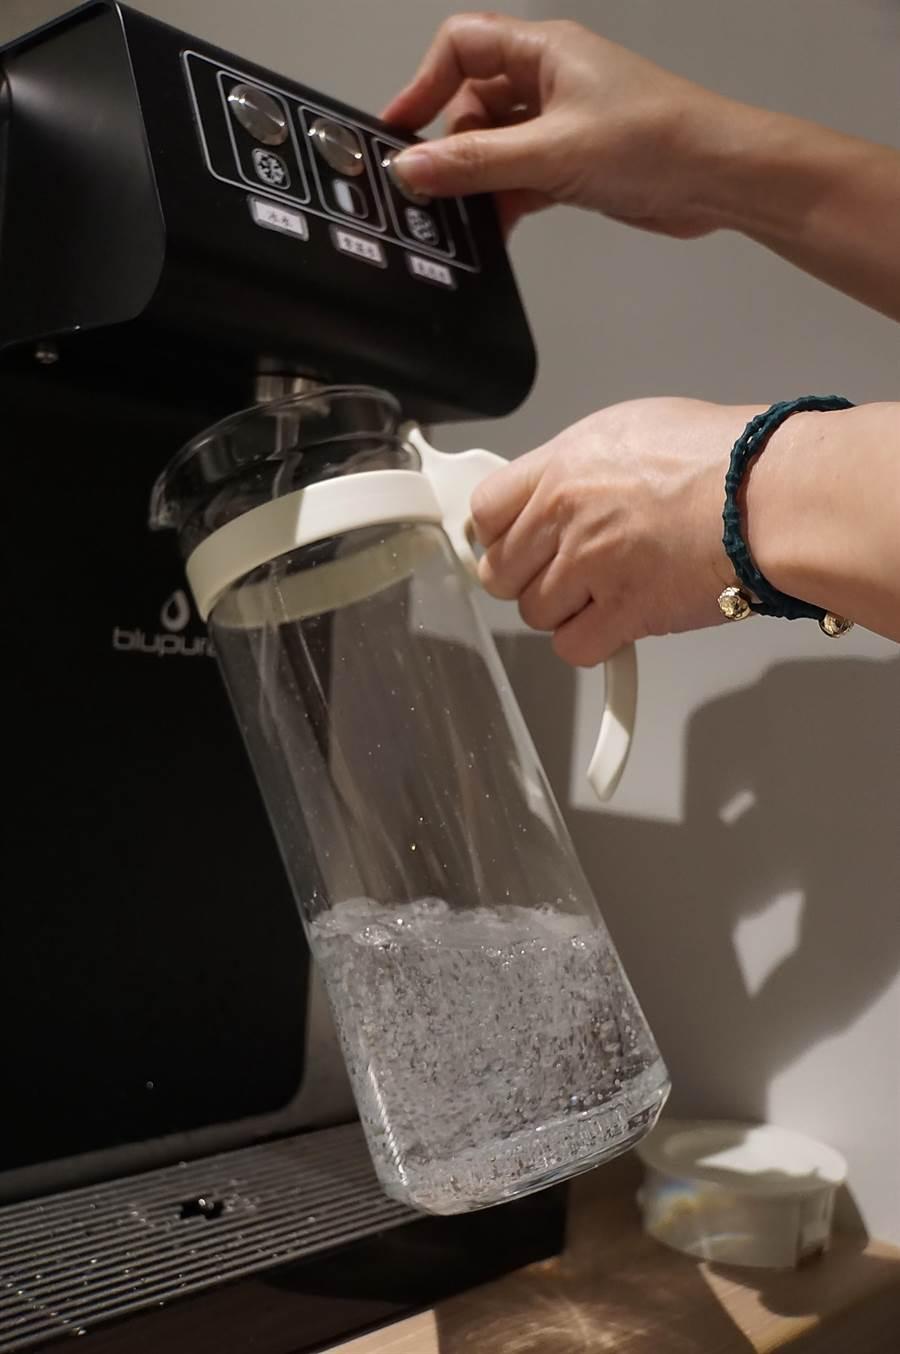 為落實減碳理念,礁溪〈品文旅〉的客房內沒有寶特瓶瓶裝水,而是在各樓層設義大利氣泡飲水機,讓人可持房內環保瓶飲用宜蘭當地水源。(圖/姚舜)